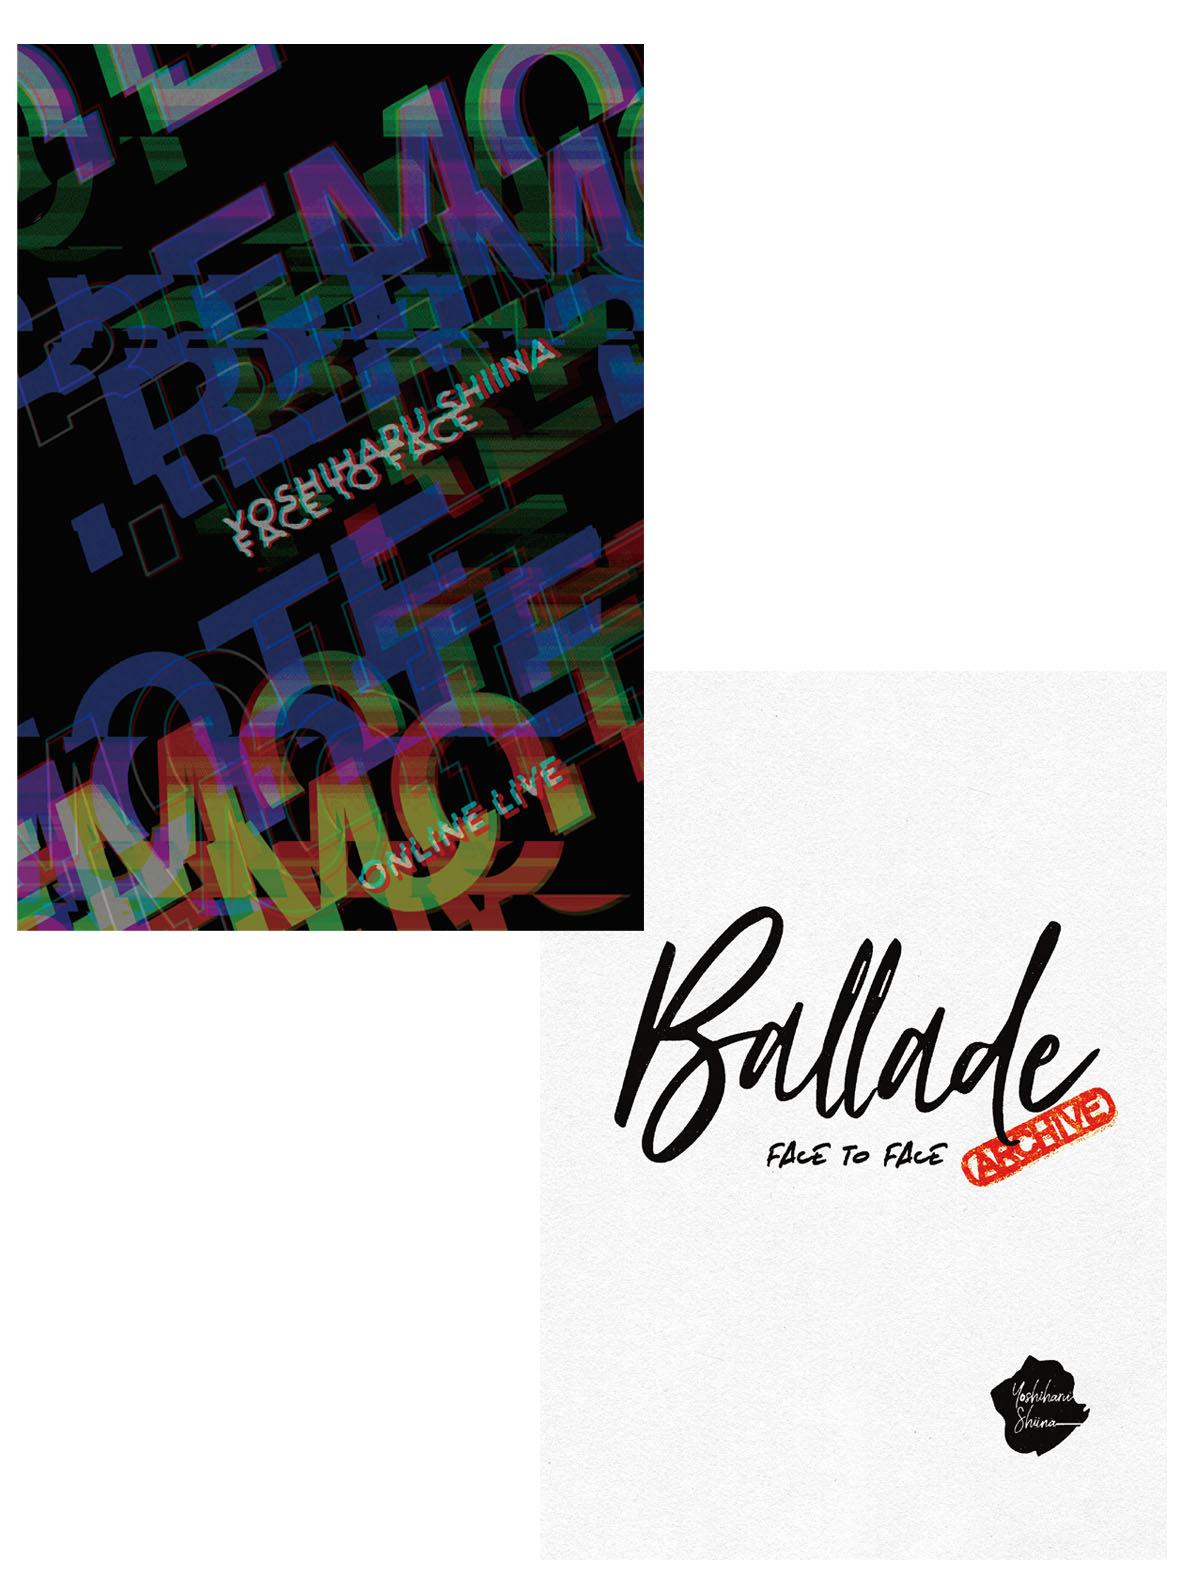 2020年YOSHIHARU SHIINA ONLINE LIVE「FACE TO FACE REMOTE」「FACE TO FACE -Ballade-」ARCHIVE コンプリートセットの画像